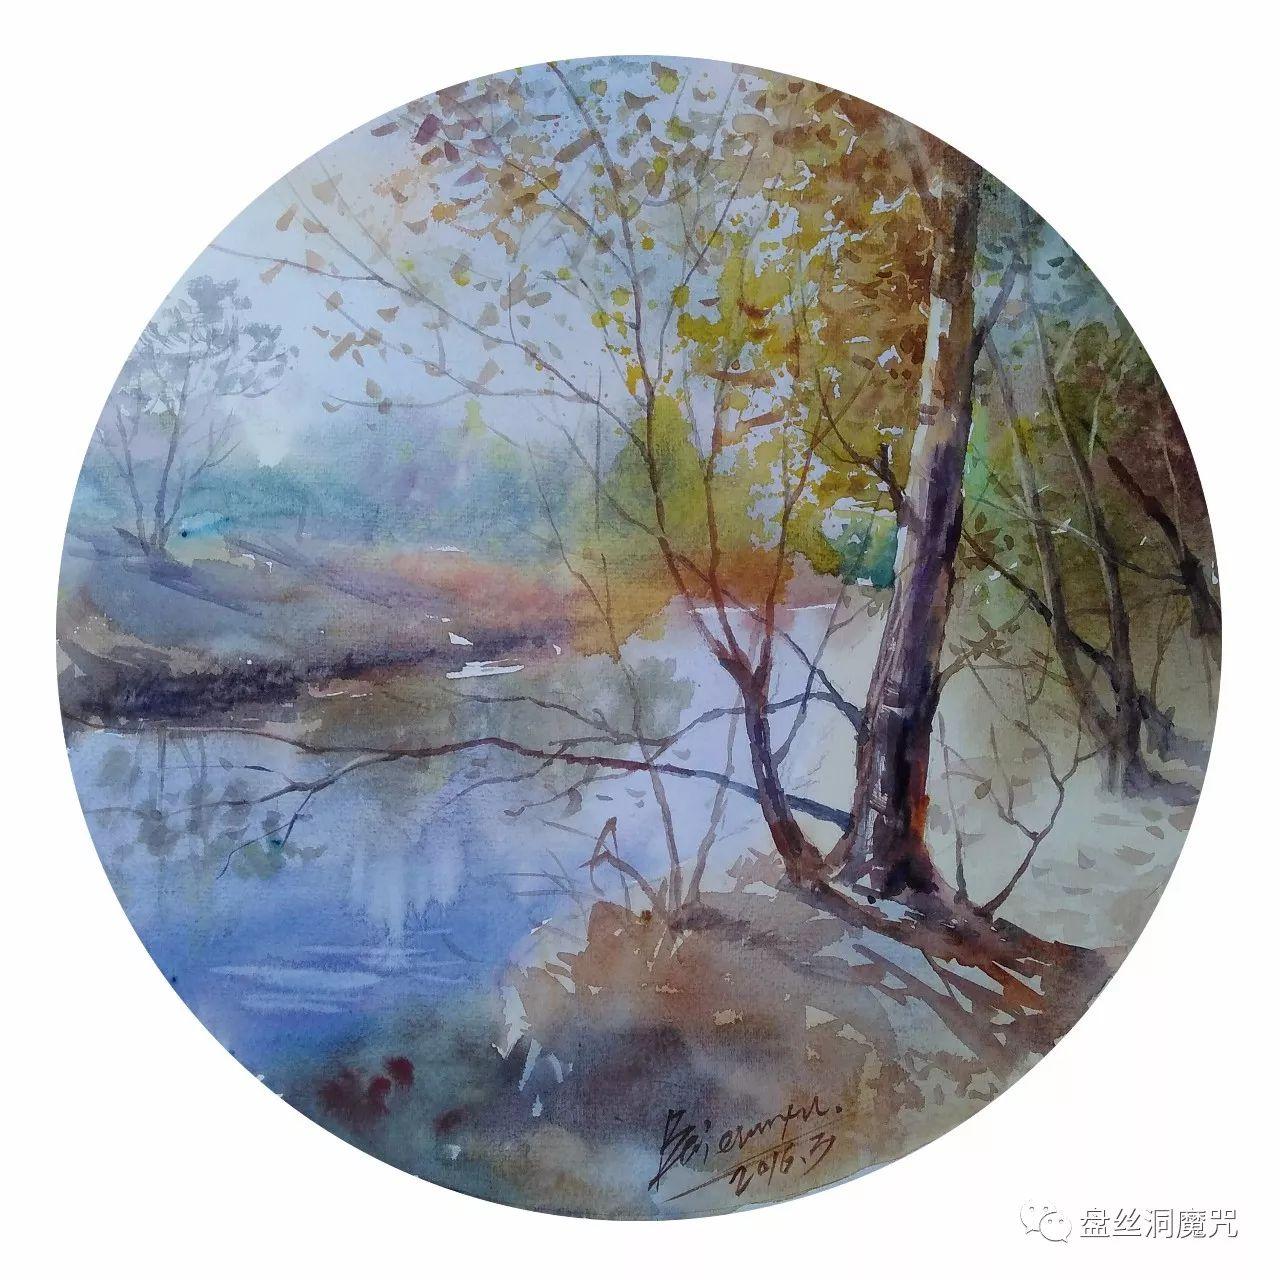 白连福水彩作品欣赏 第29张 白连福水彩作品欣赏 蒙古画廊